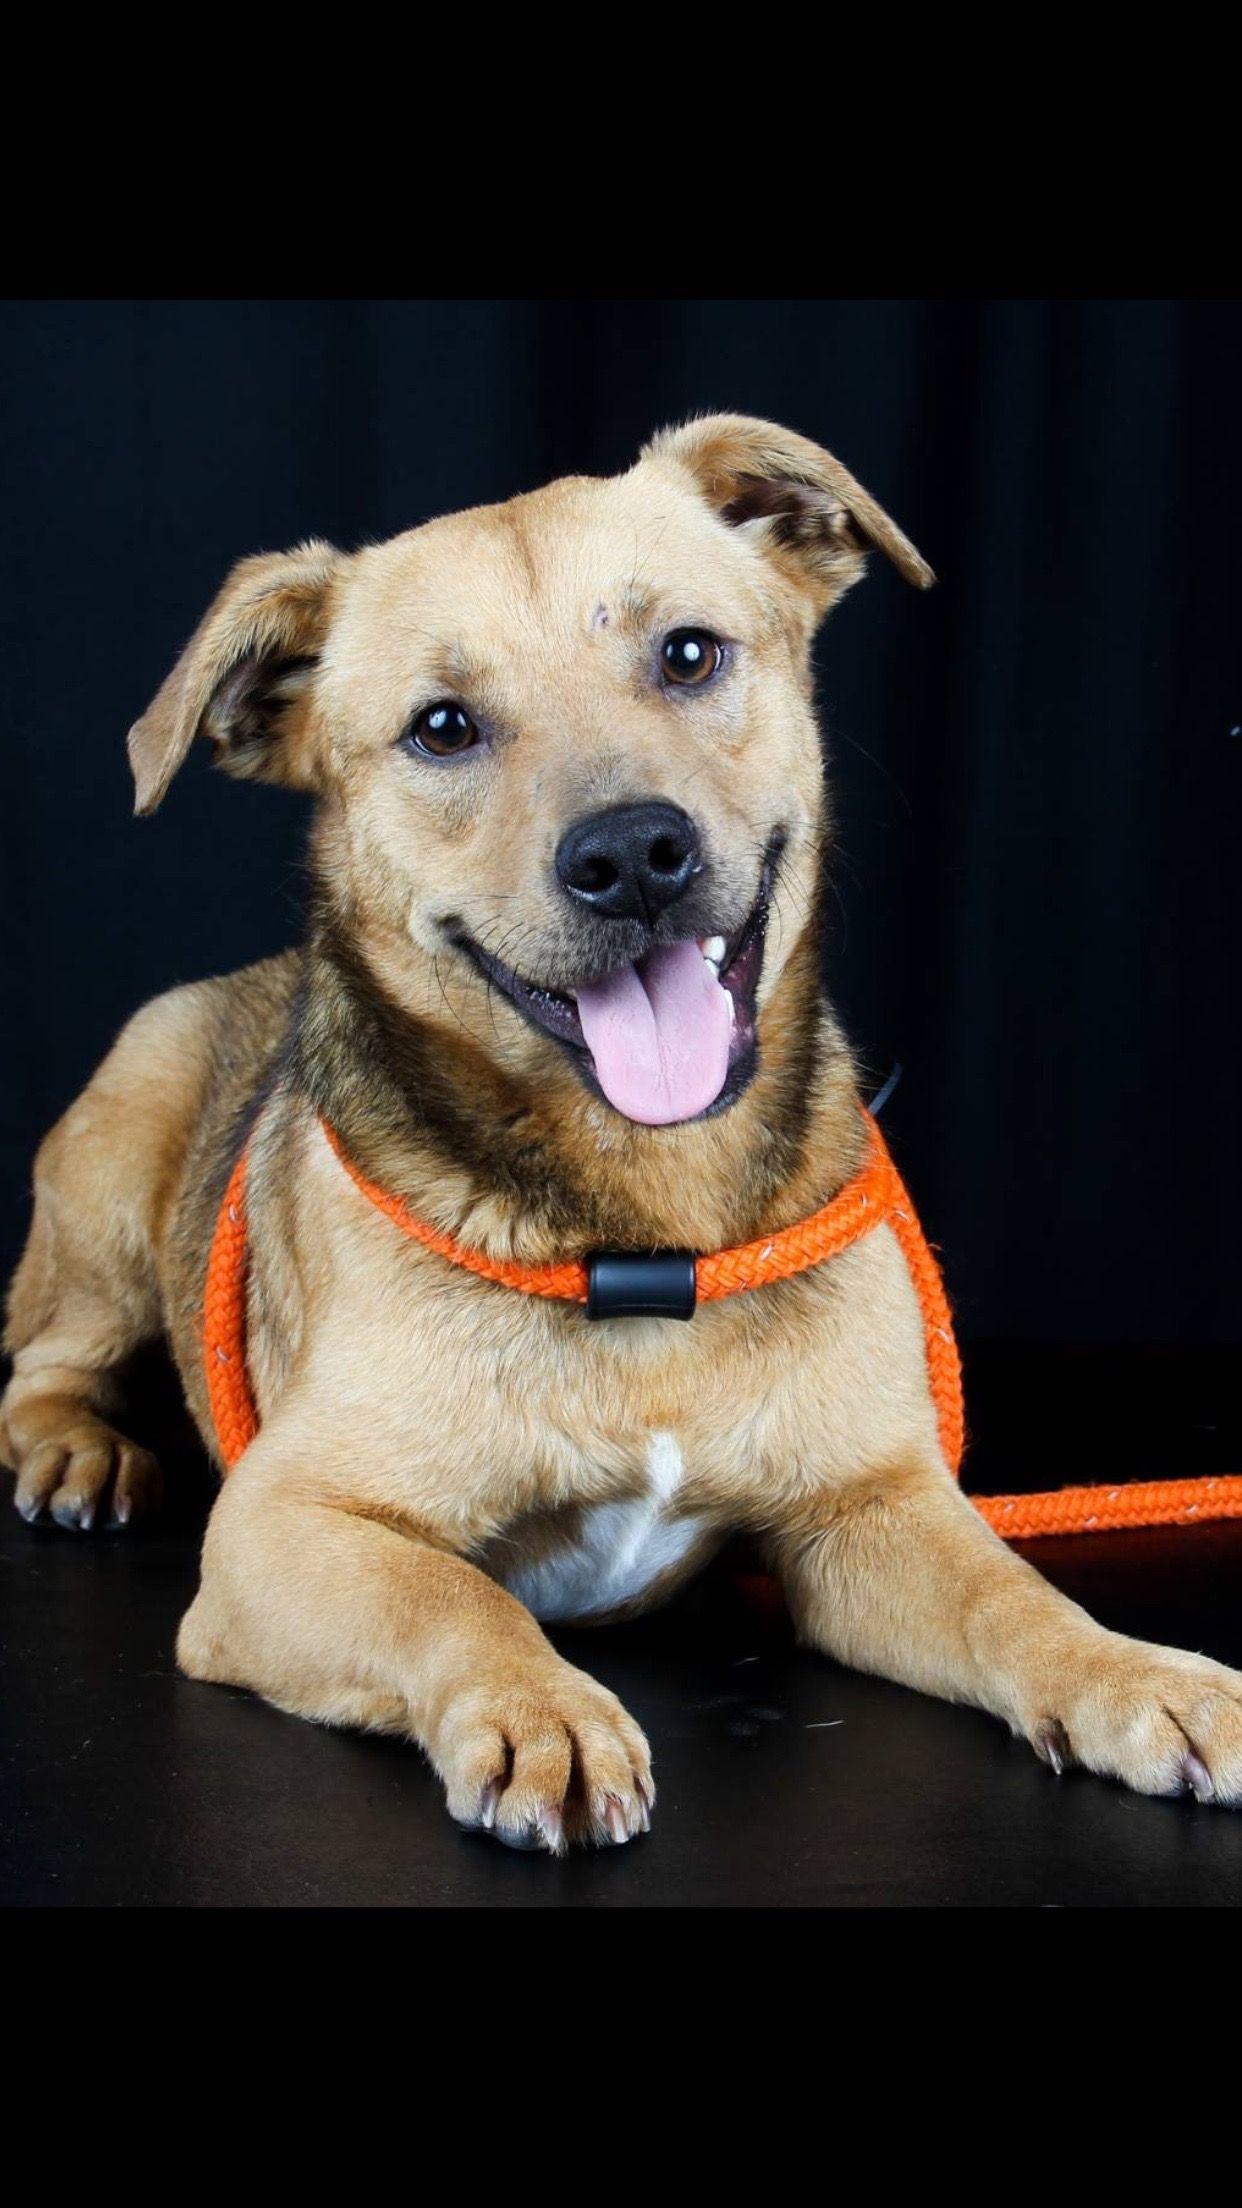 Dachshund dog for Adoption in Fort Worth, TX. ADN553977